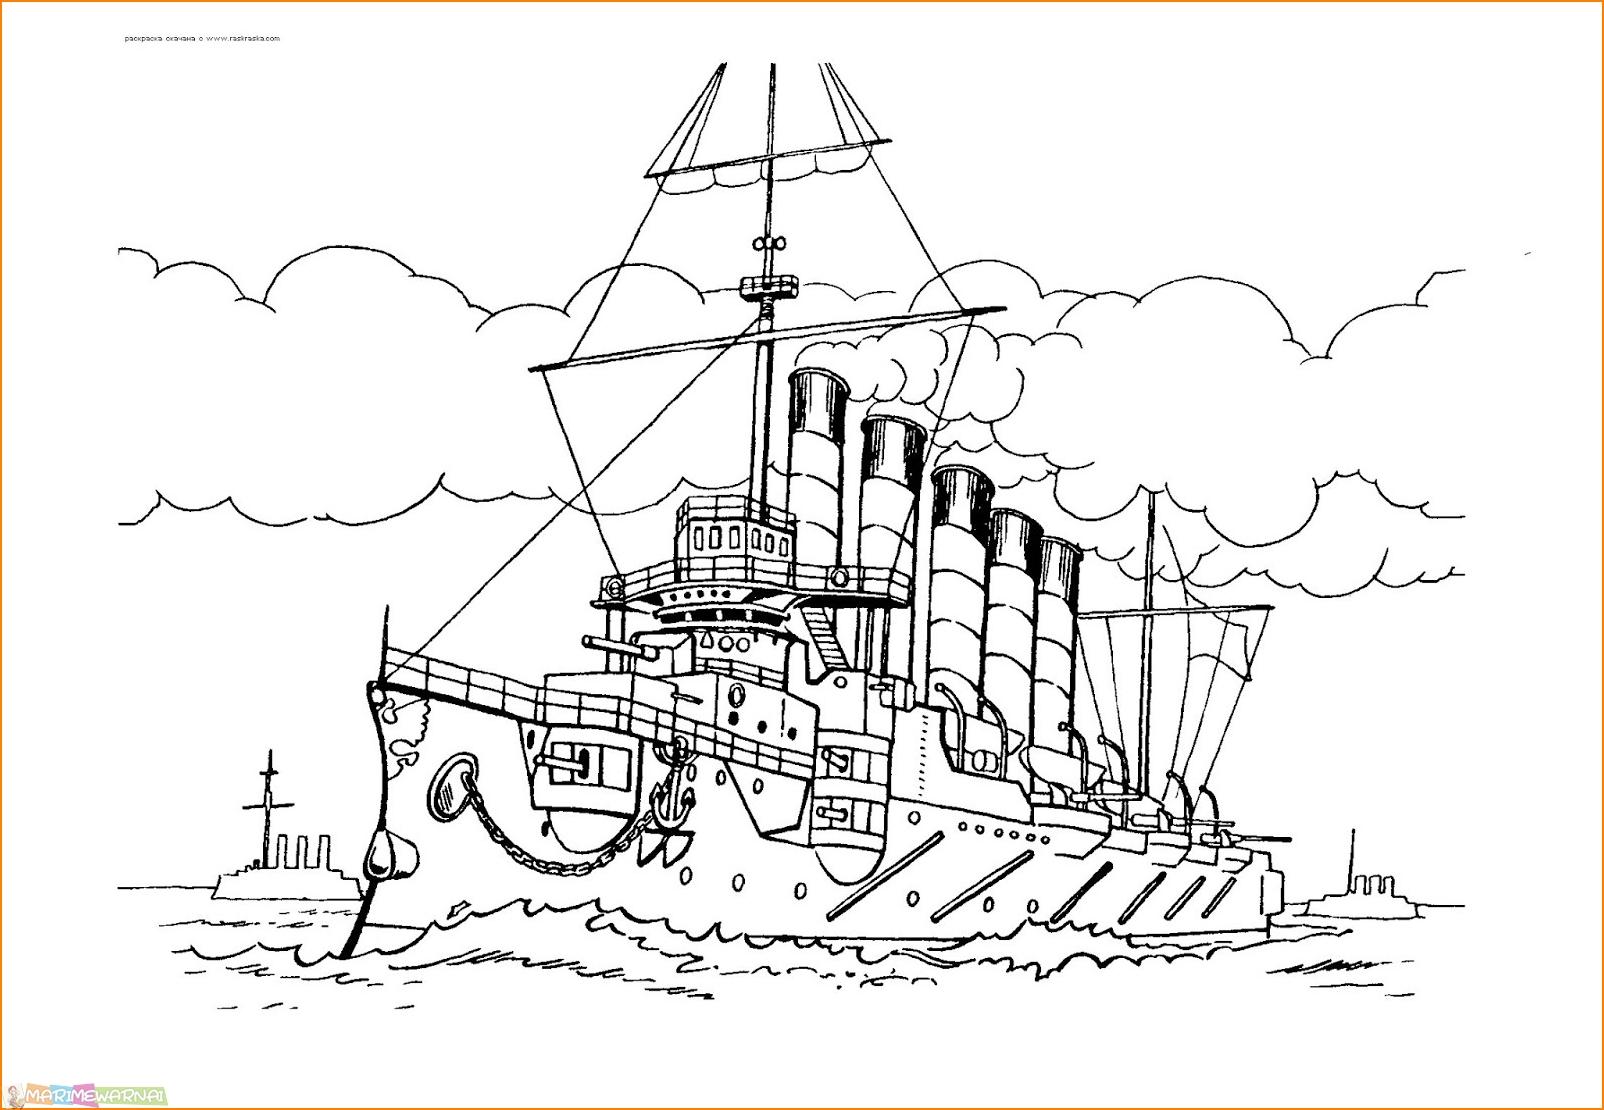 Gambar Cara Menggambar Kapal Pesiar Untuk Anak Jpeg Png Gif Best